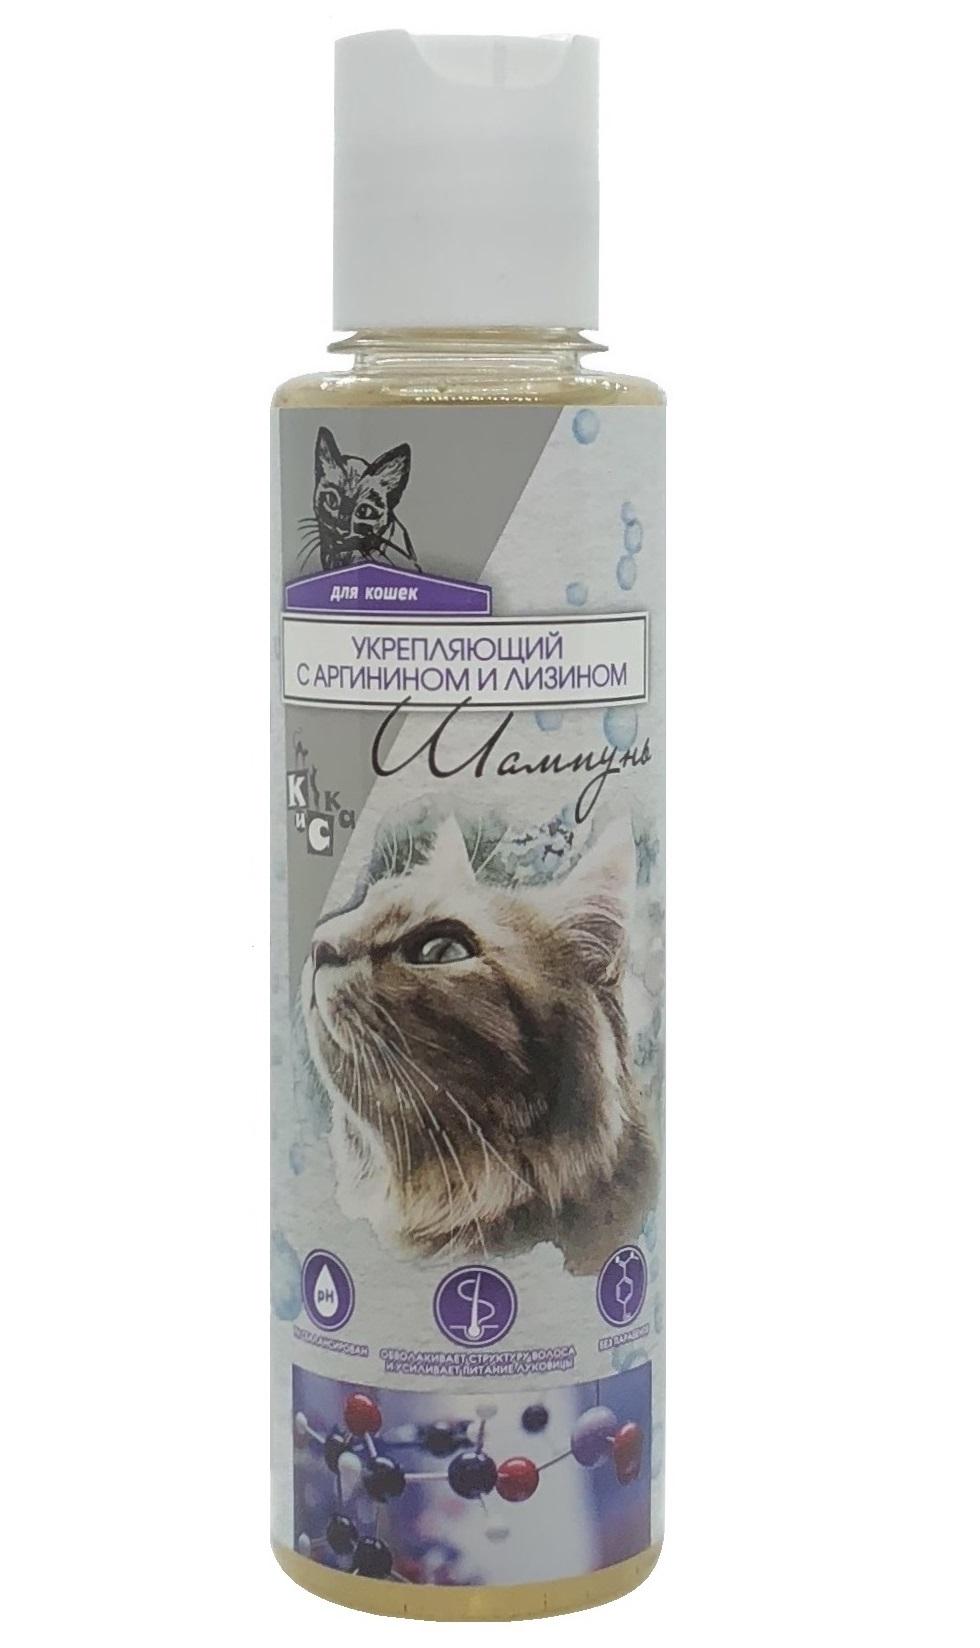 Шампунь для животных УКРЕПЛЯЮЩИЙ с Аргинином и Лизином для кошек 240 мл. lysine